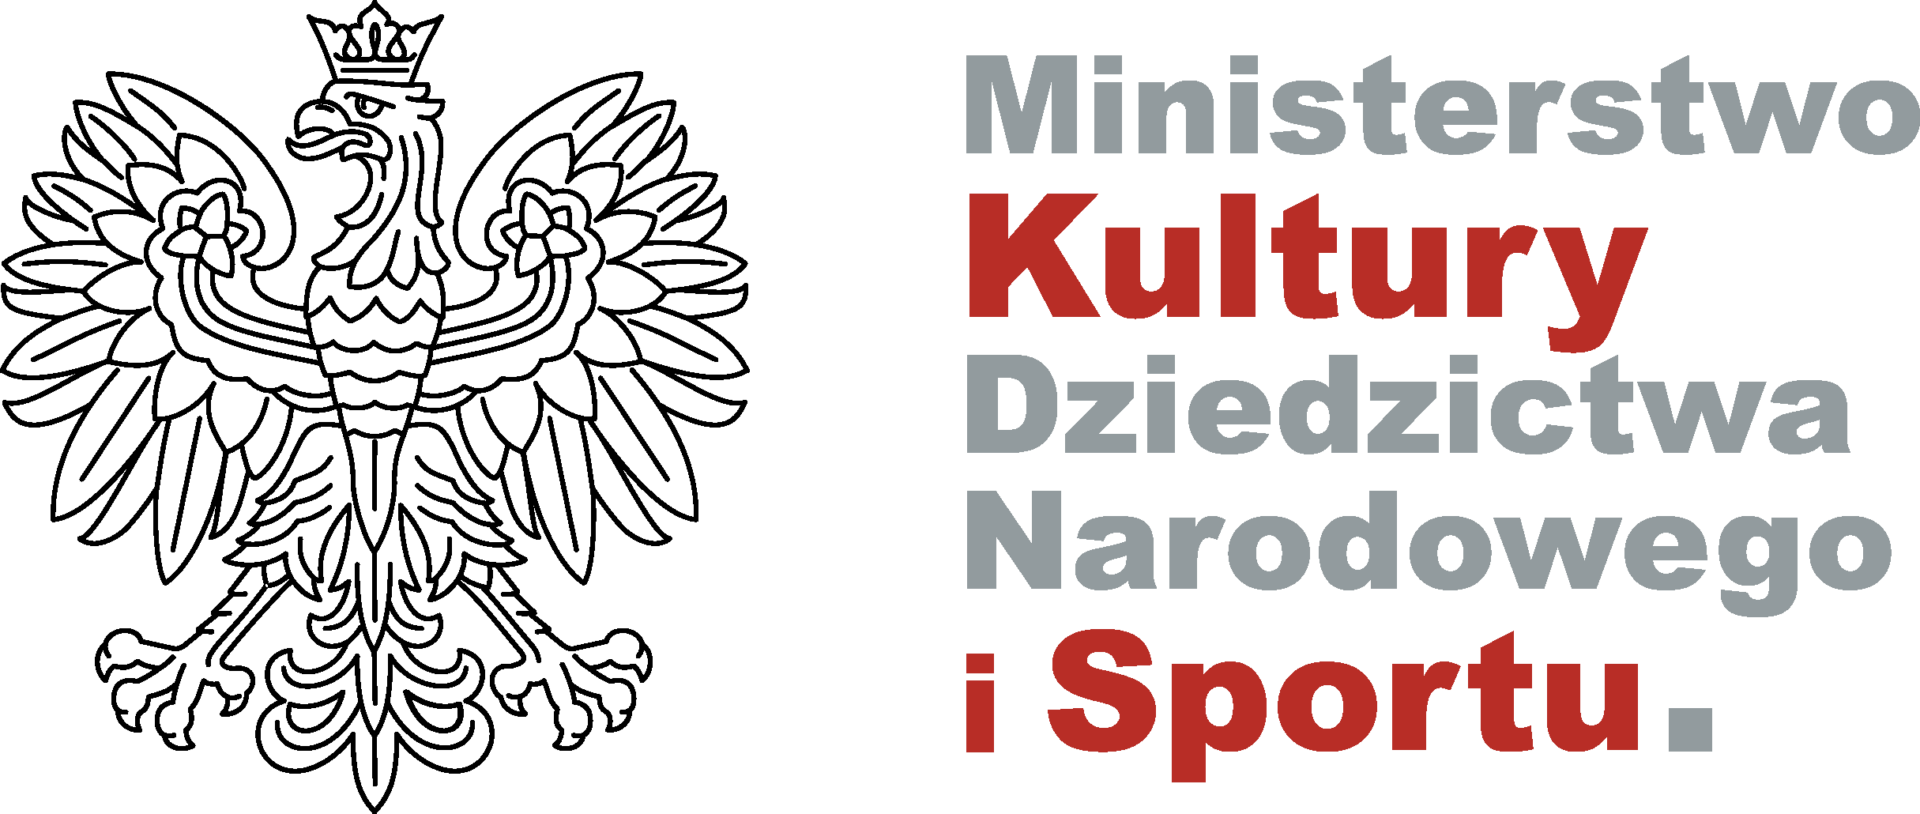 Logotyp Ministerstwa Kultury, Dziedzictwa Narodowego i Sportu. Link otwiera się w nowym oknie